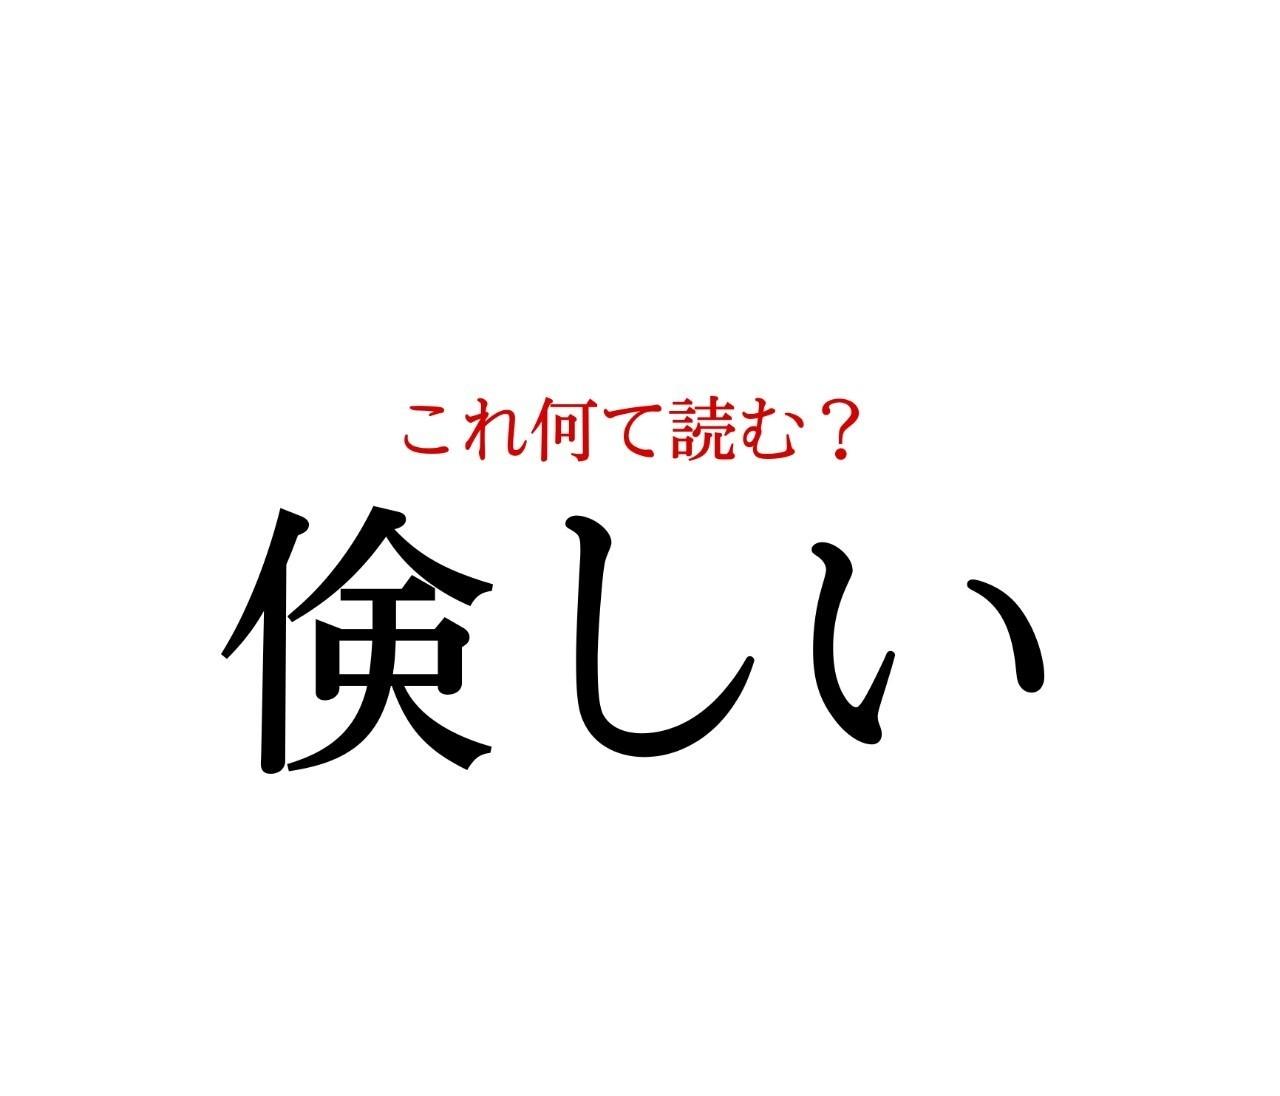 「倹しい」:この漢字、自信を持って読めますか?【働く大人の漢字クイズvol.229】